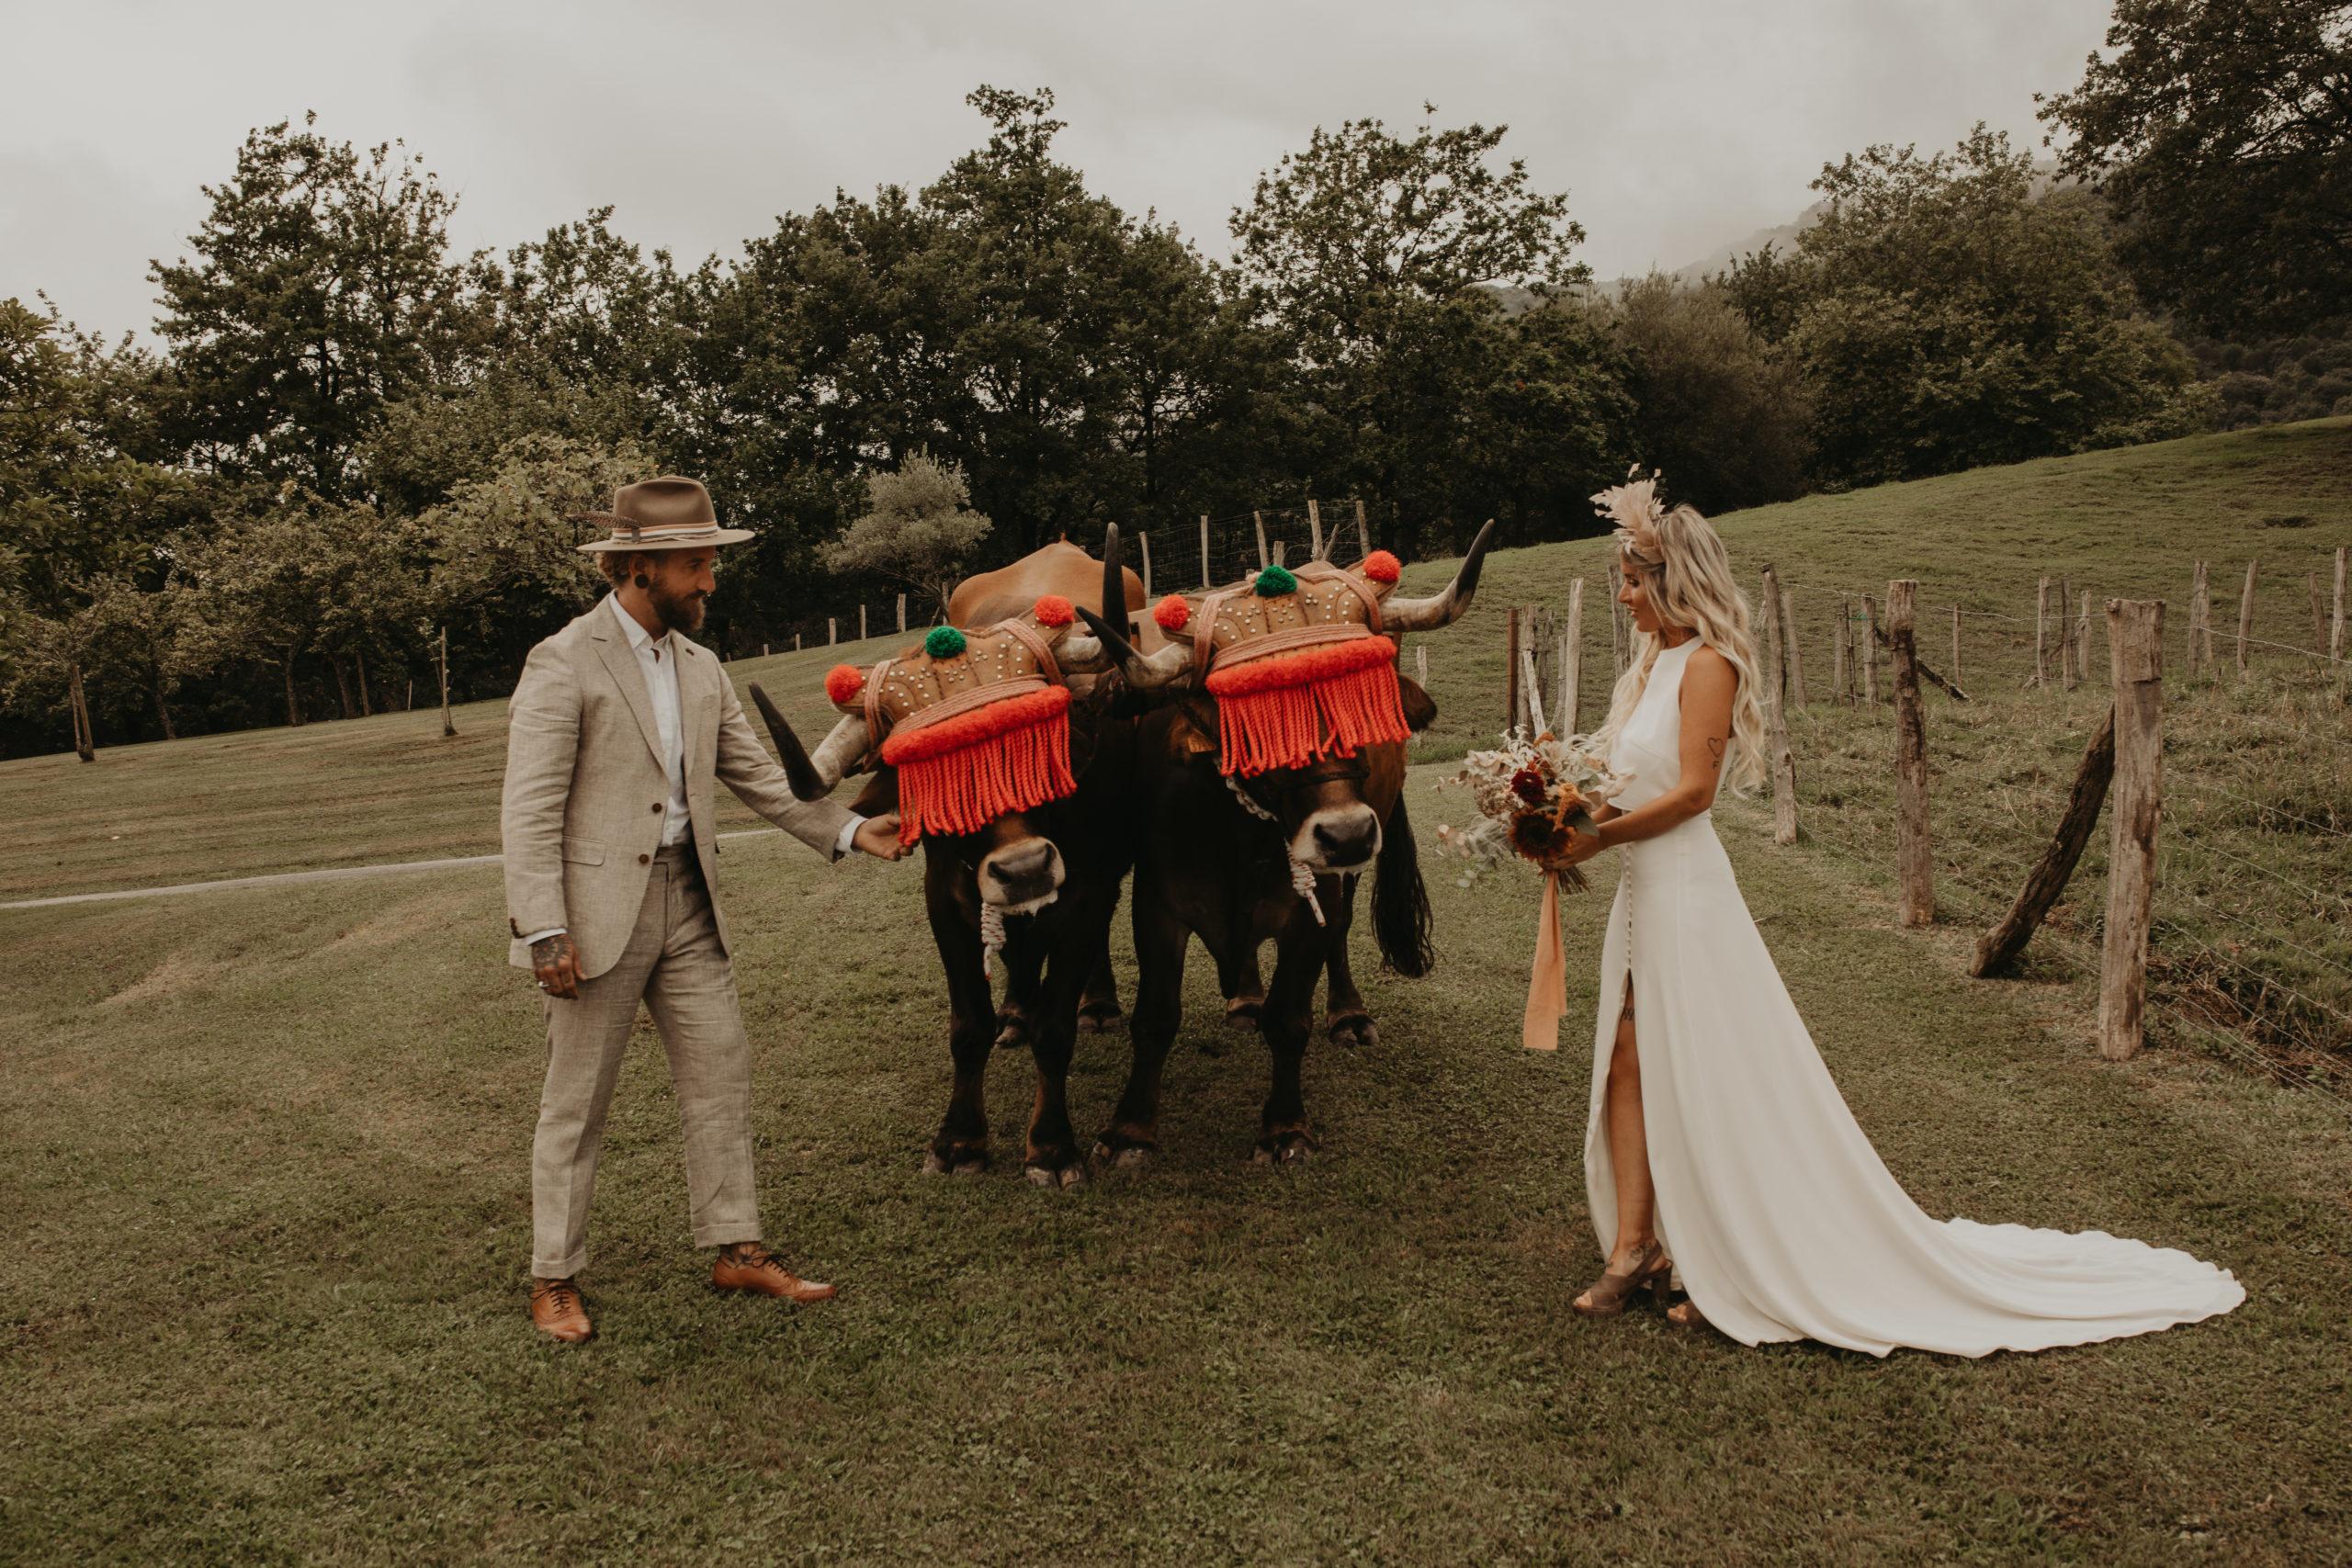 Llegada de los novios en bueyes a la boda